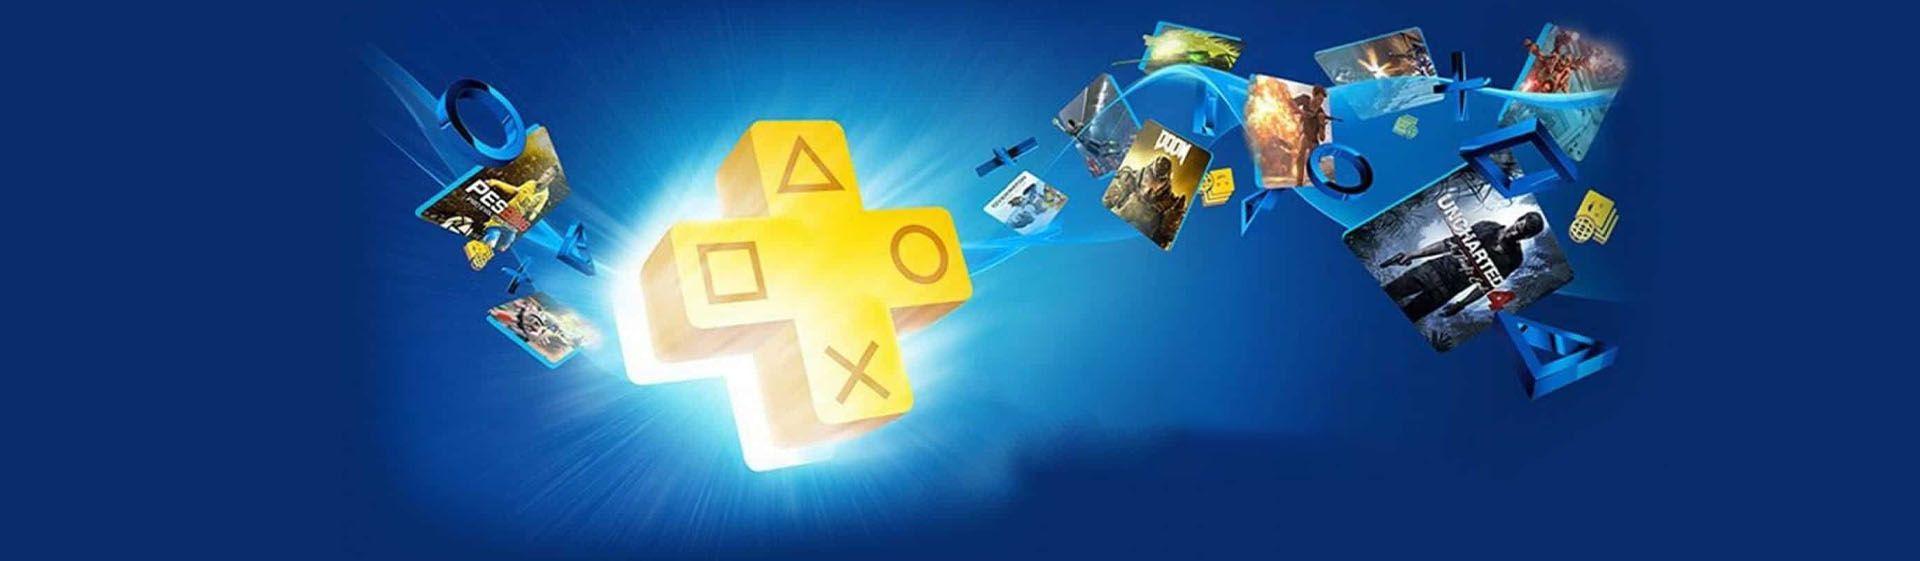 PS Plus vale a pena assinar? Prós e contras do serviço no PlayStation